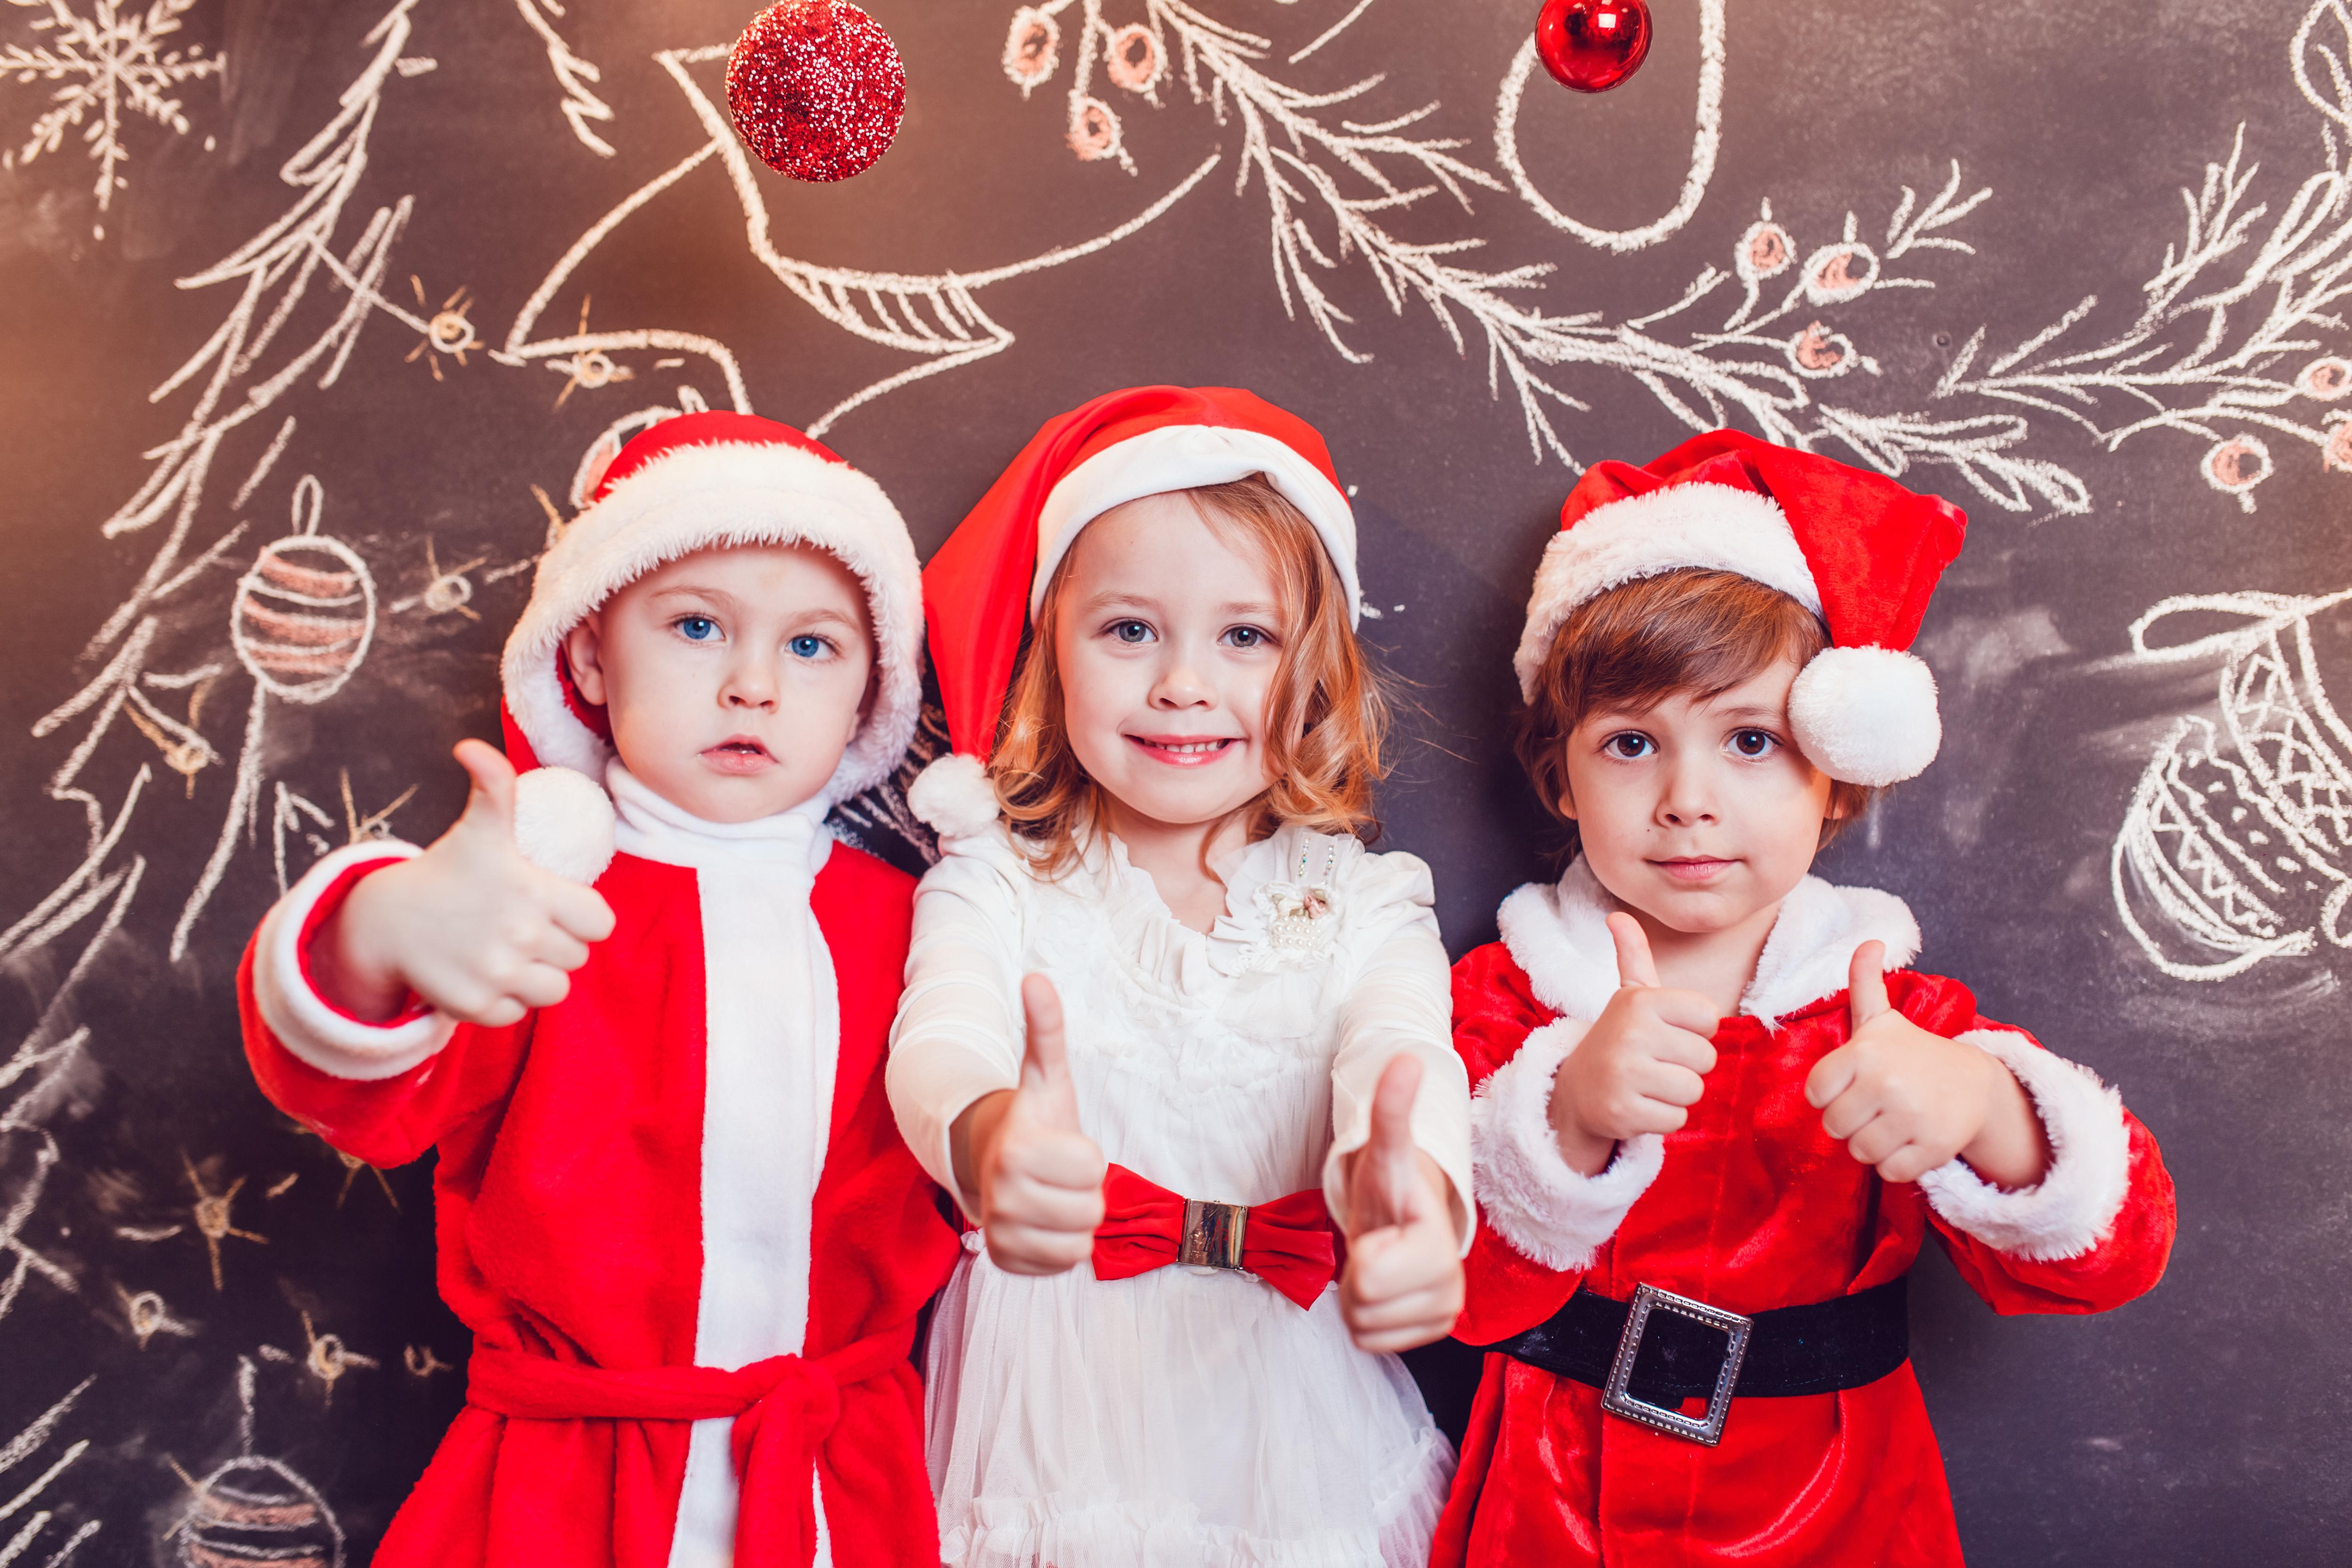 Immagini Bambini E Natale.Pranzo Di Natale Con Animazione Bambini Bologna Bimbi